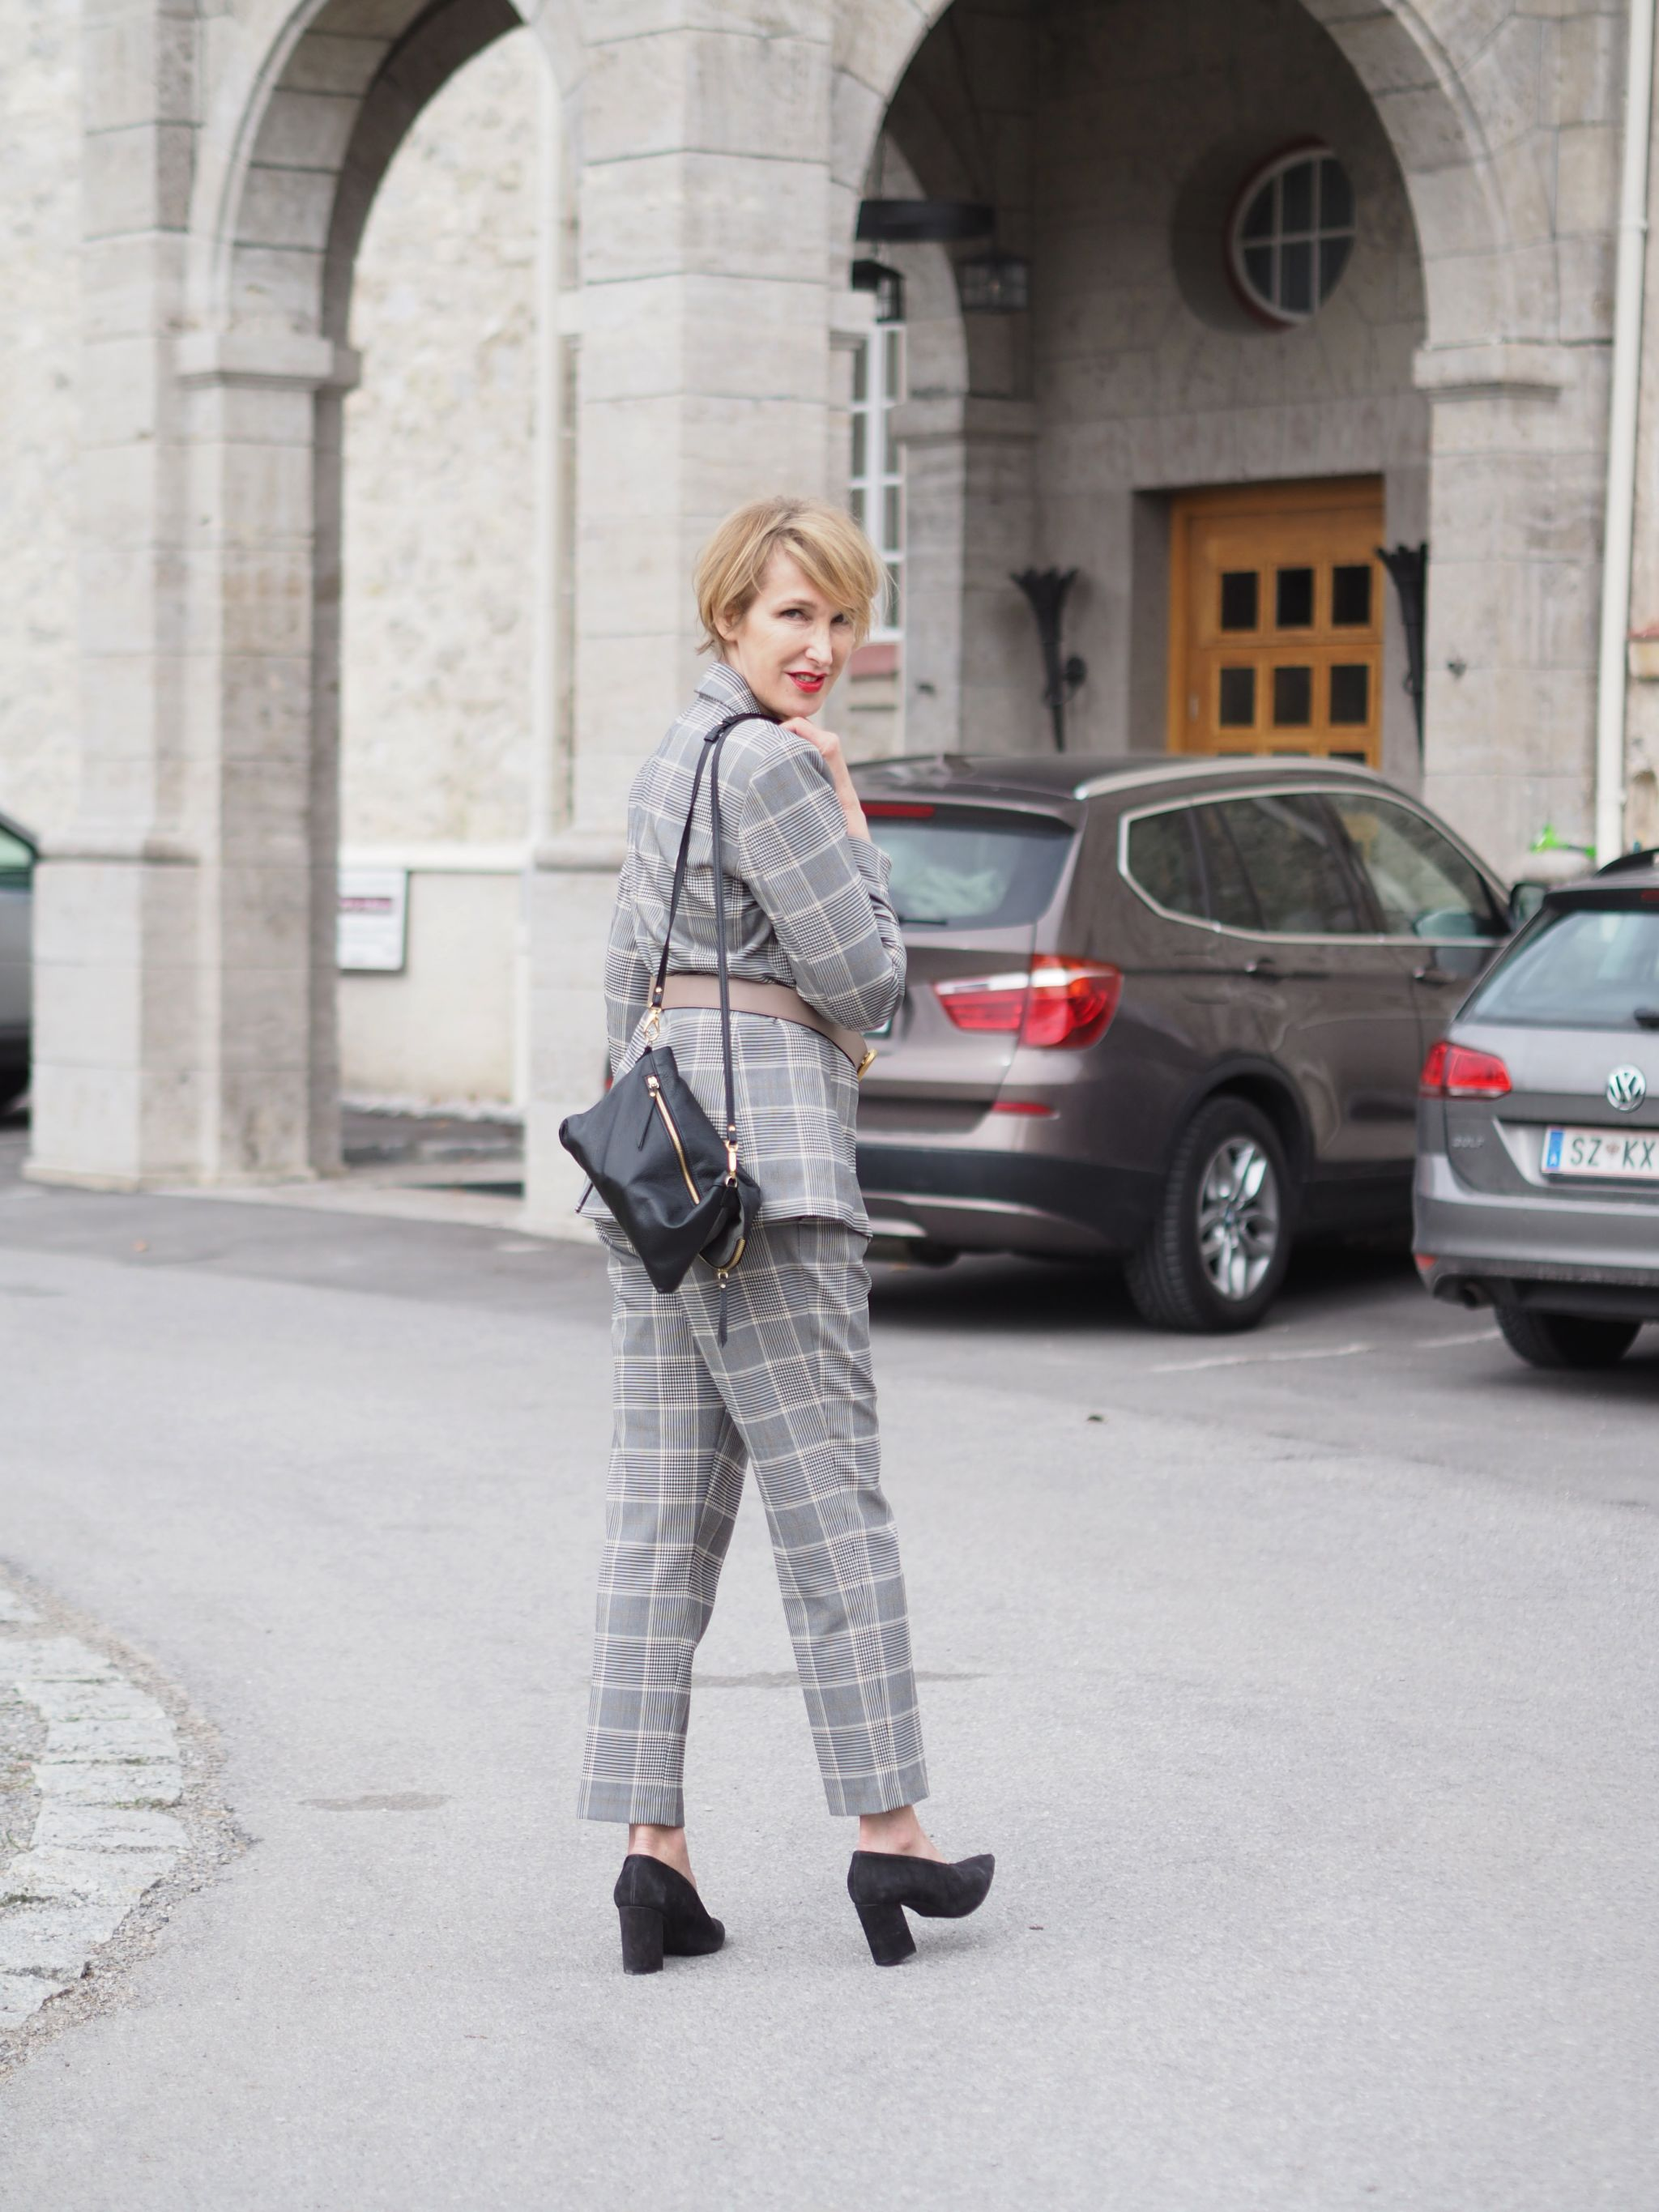 glamupyourlifestyle hosenanzug gürtel-taille ue-40-mode ü-40-blog ü-50-blog ü-50-frau kariertert-Hosenanzug Damen-hosenanzug